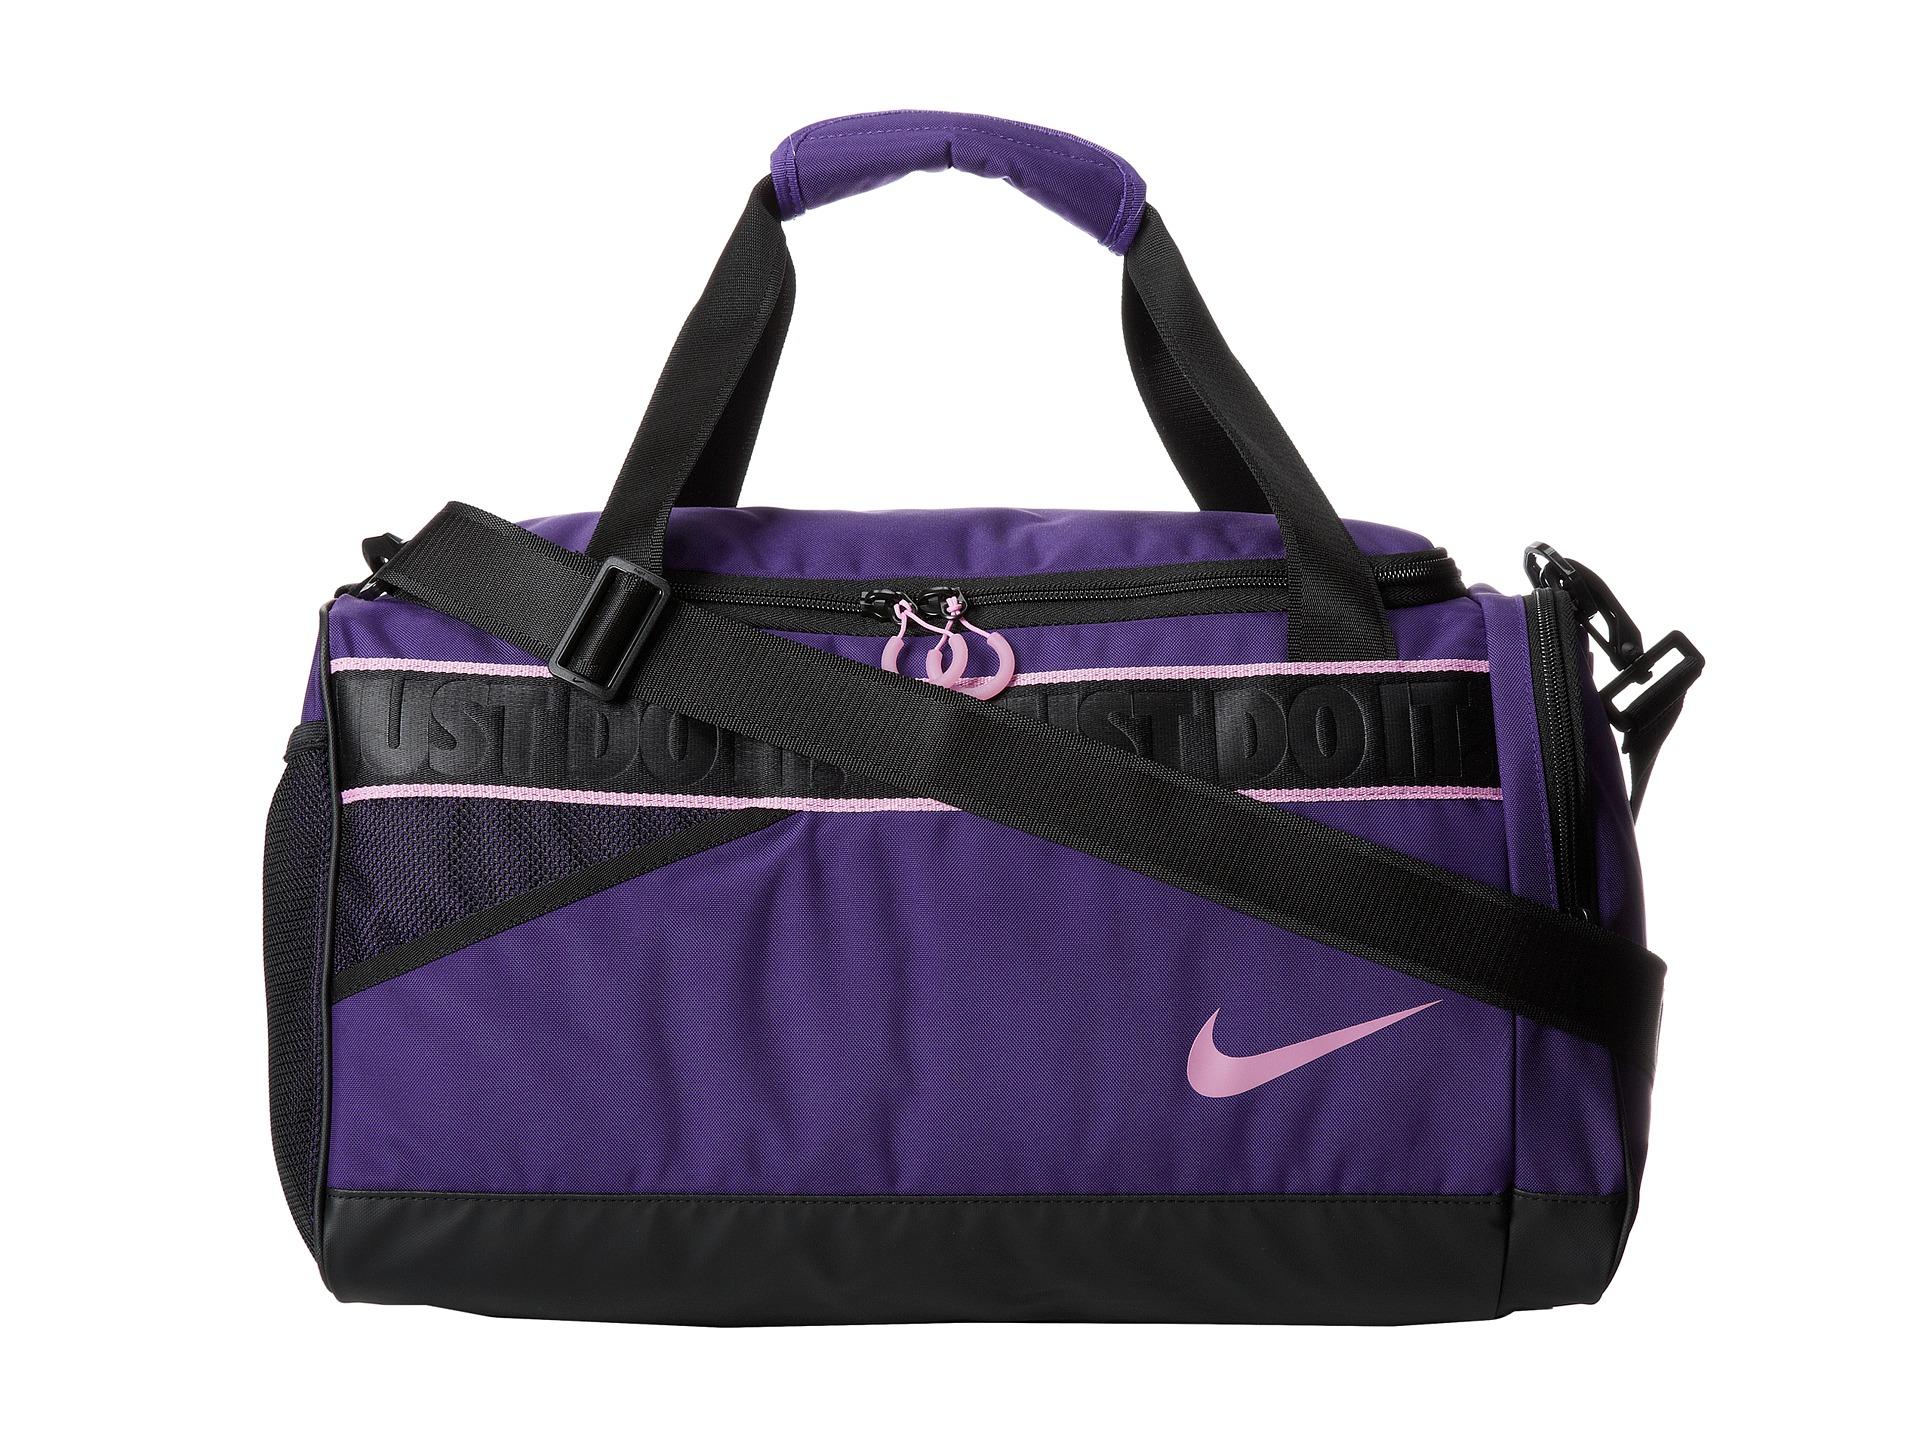 fd5cb4ba4b Lyst - Nike Varsity Duffel in Purple for Men